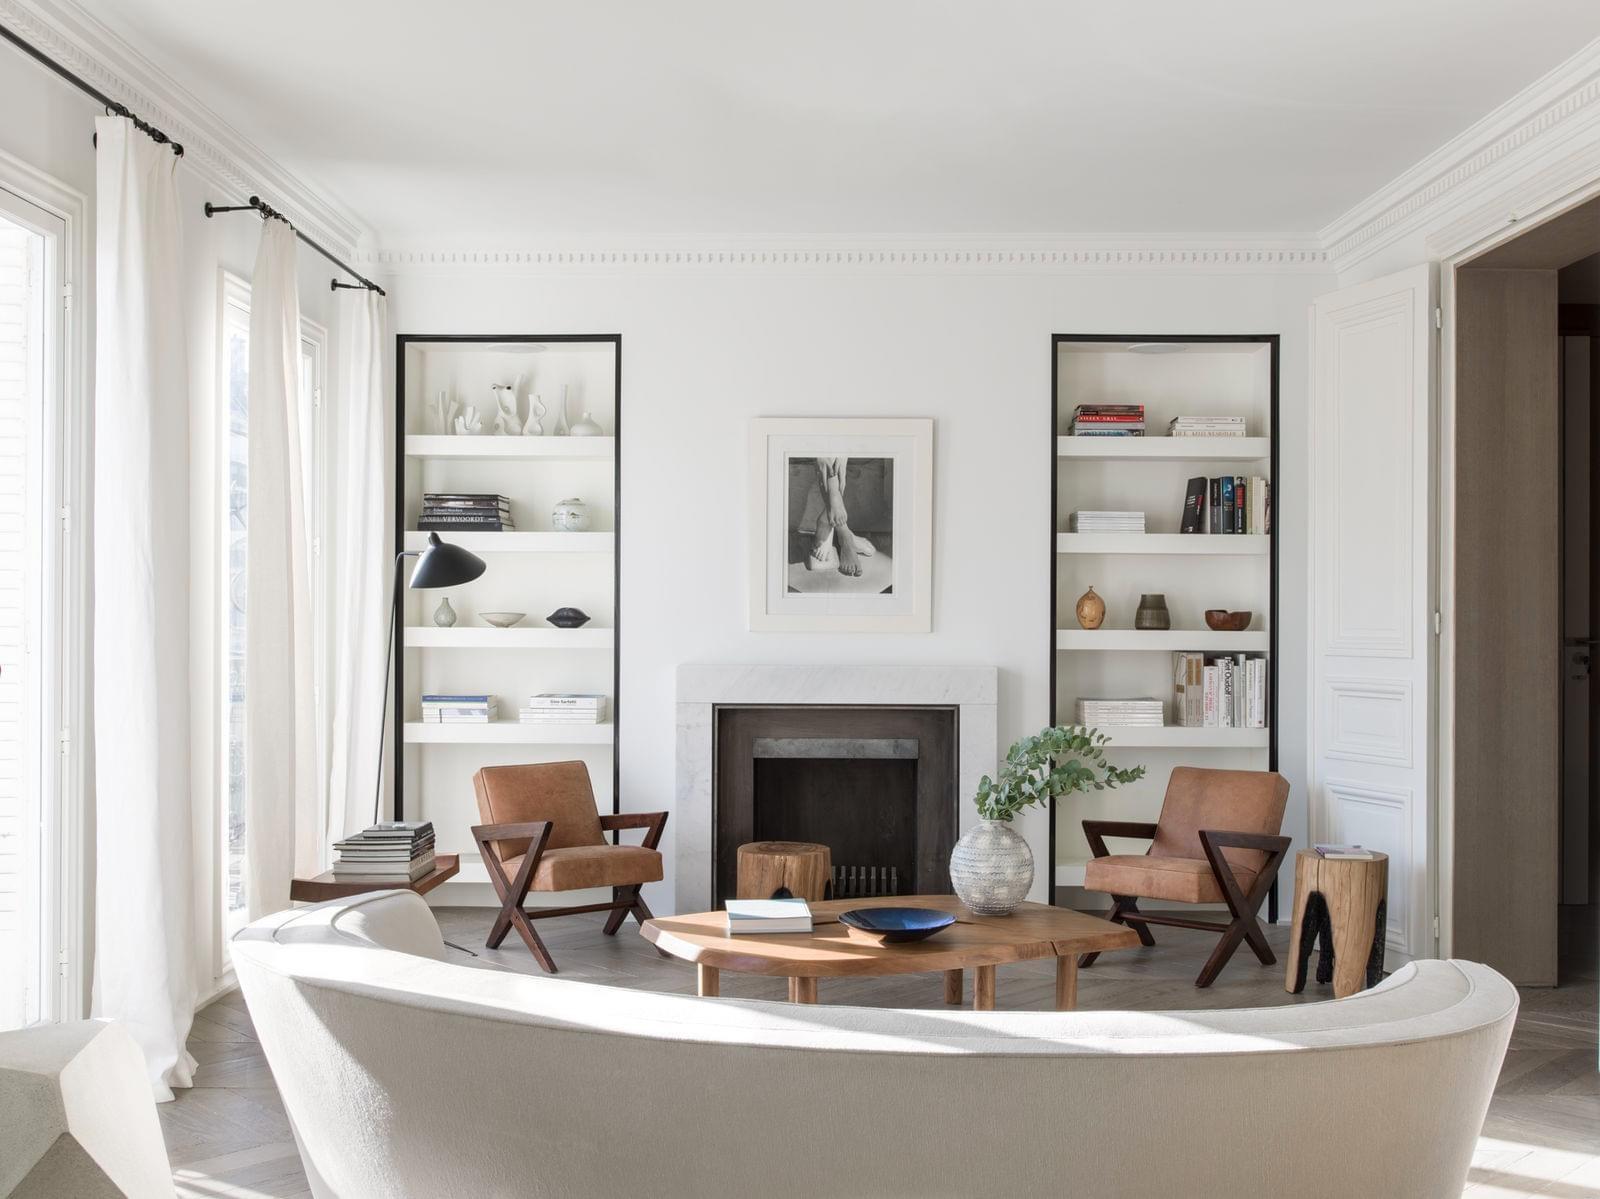 Роскошный интерьер современной квартиры в Париже